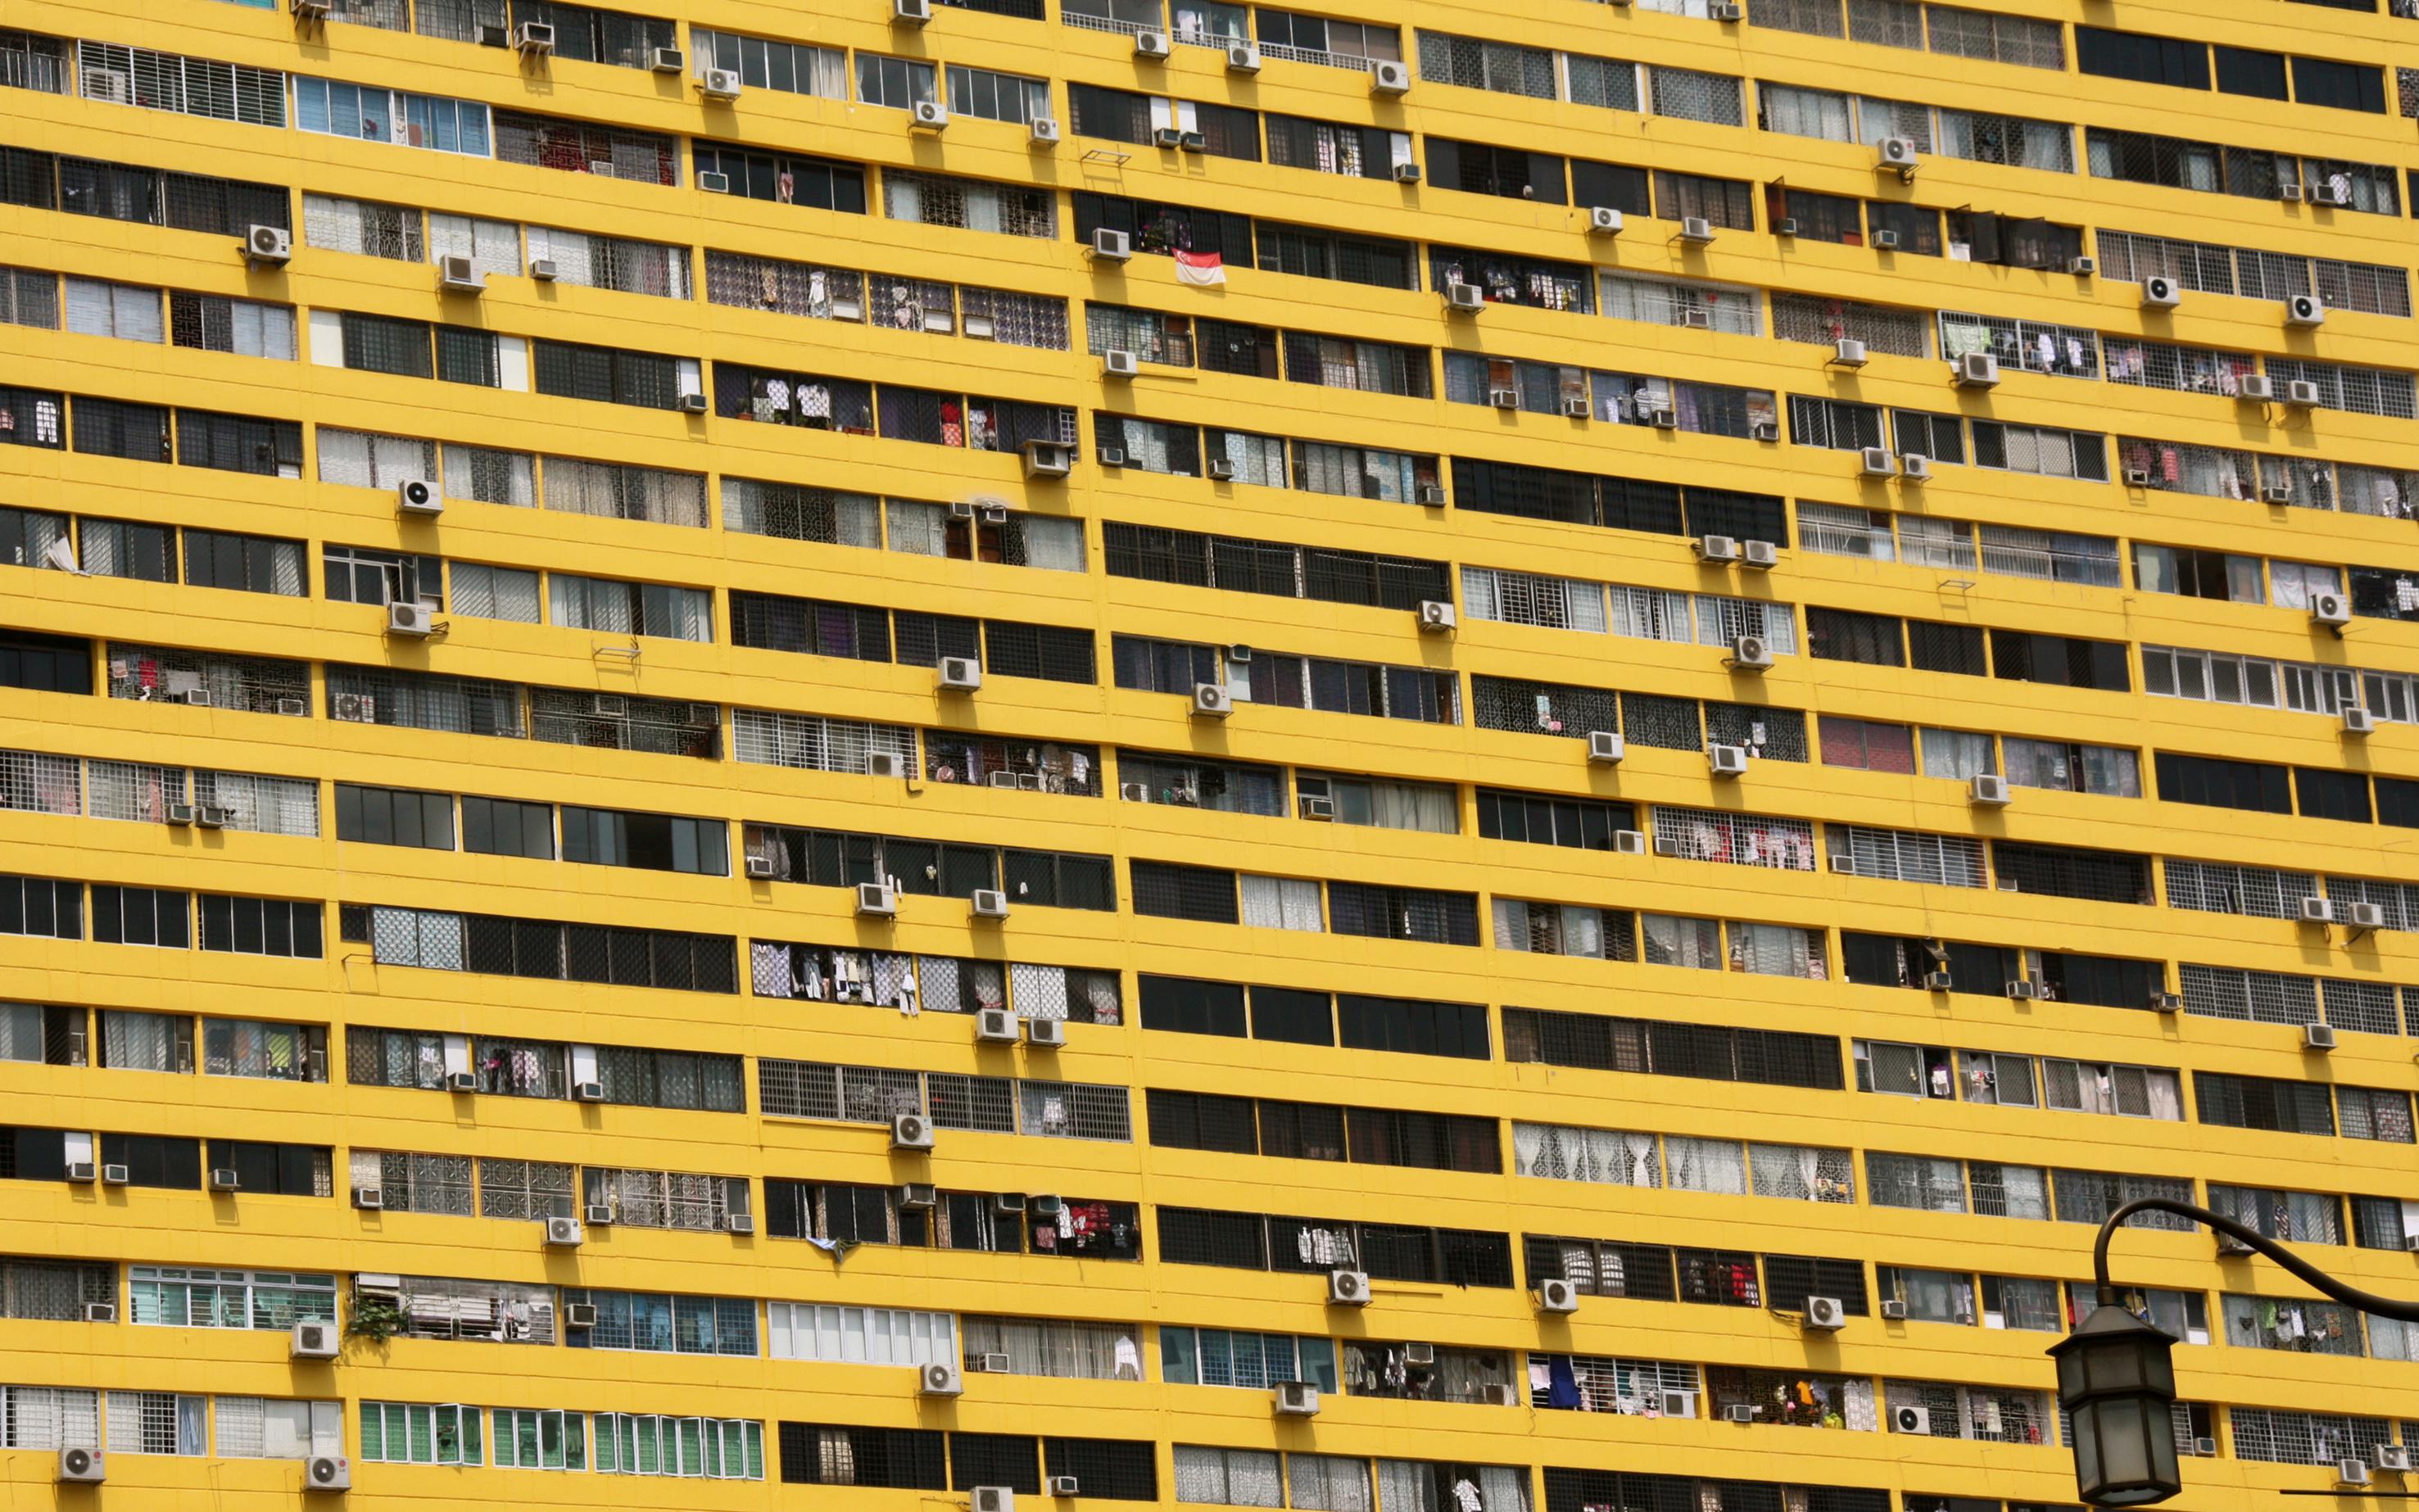 Apartment block in Singapore